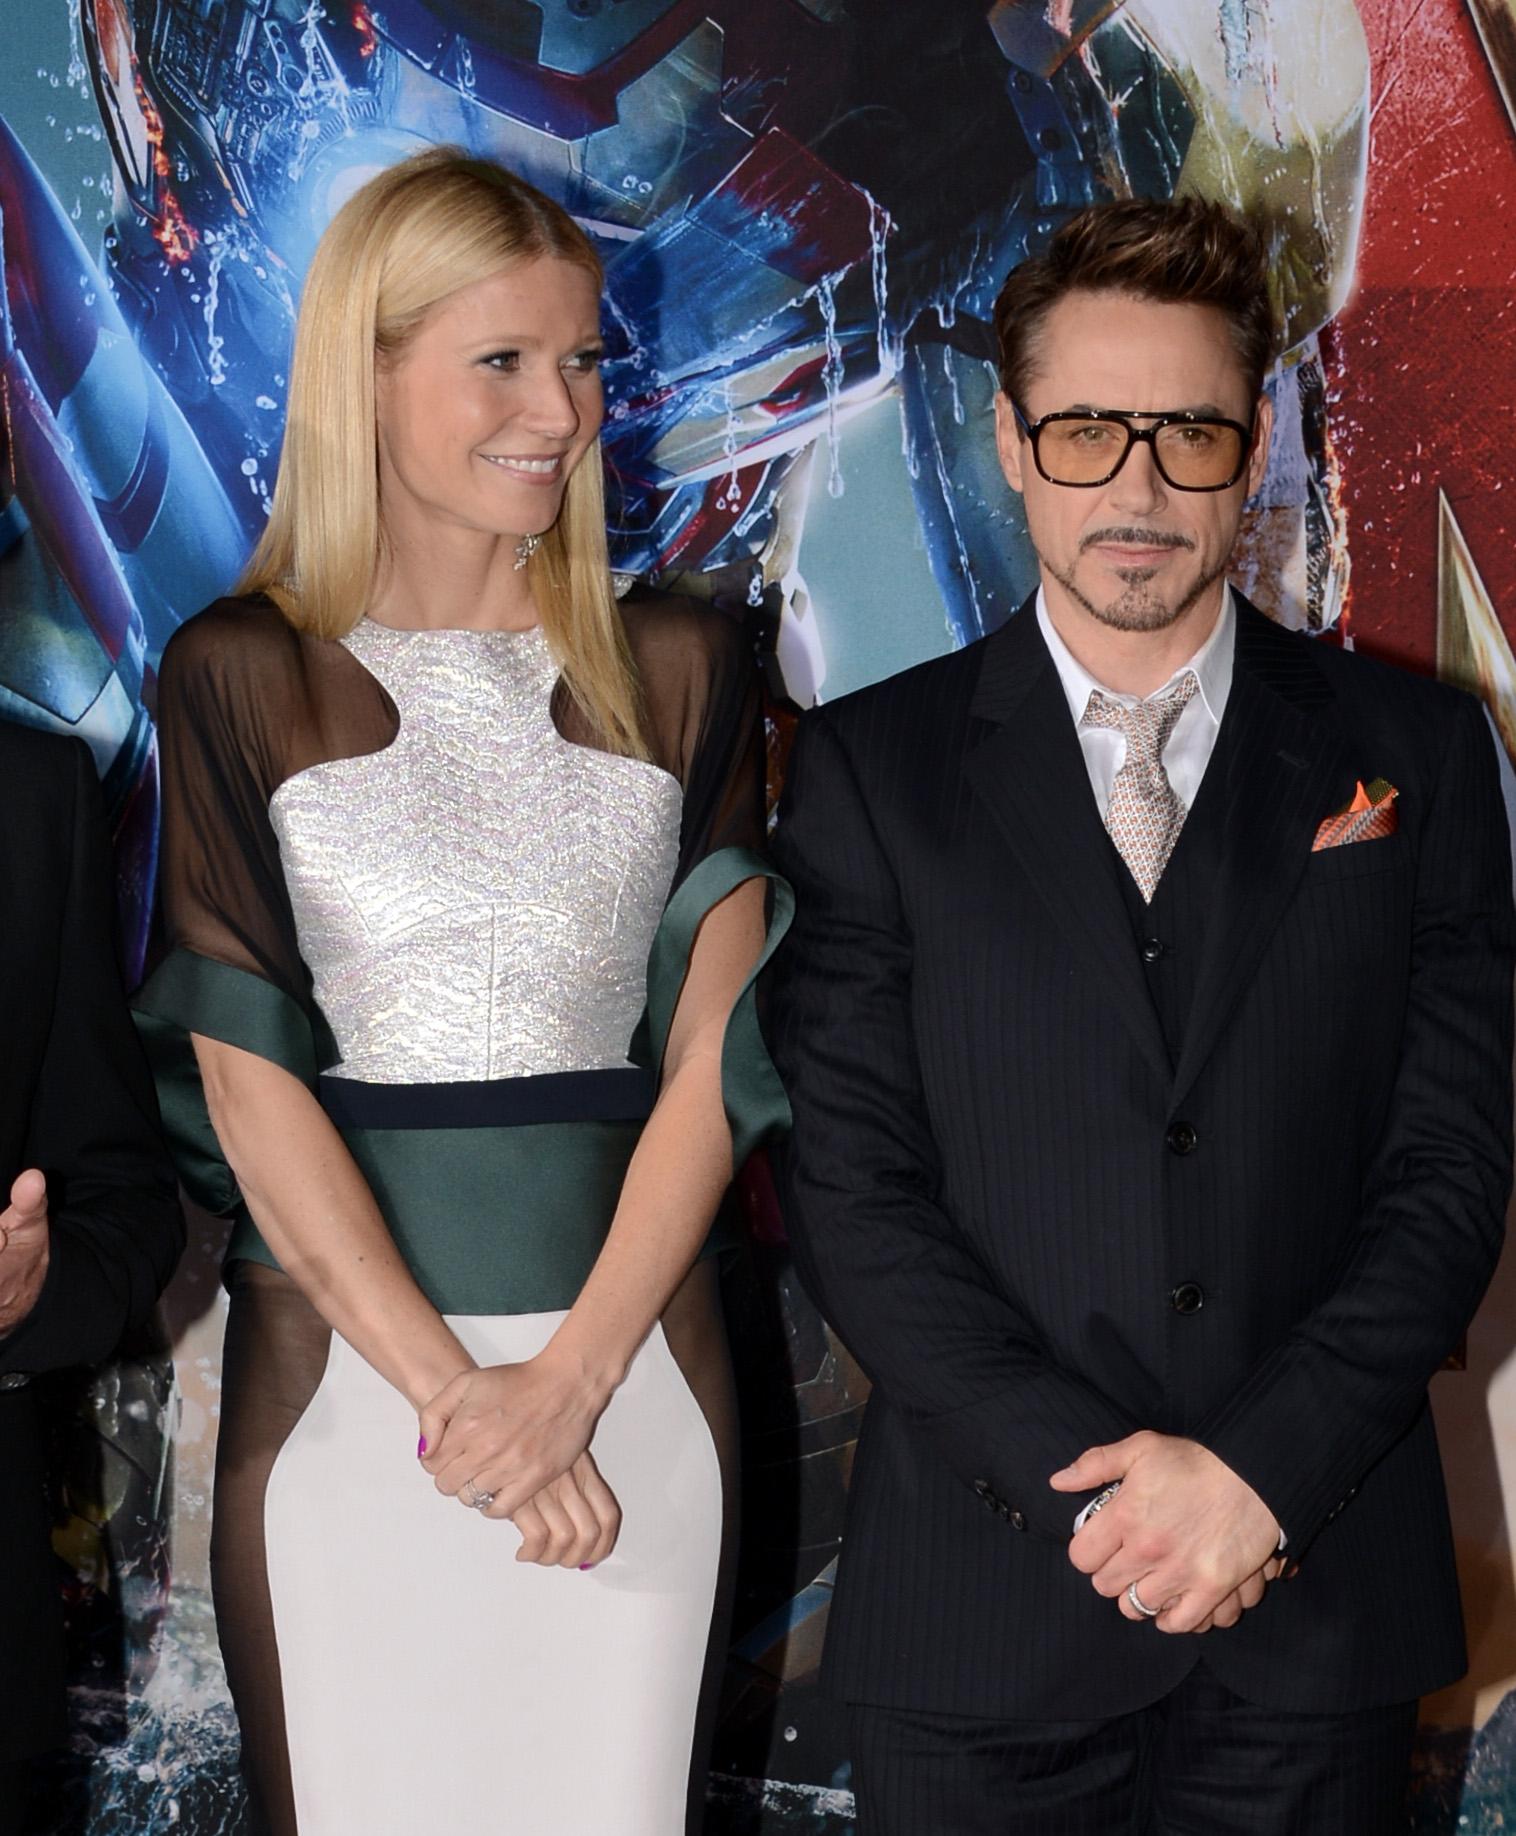 Gwyneth Paltrow & Robert Downey Jr.